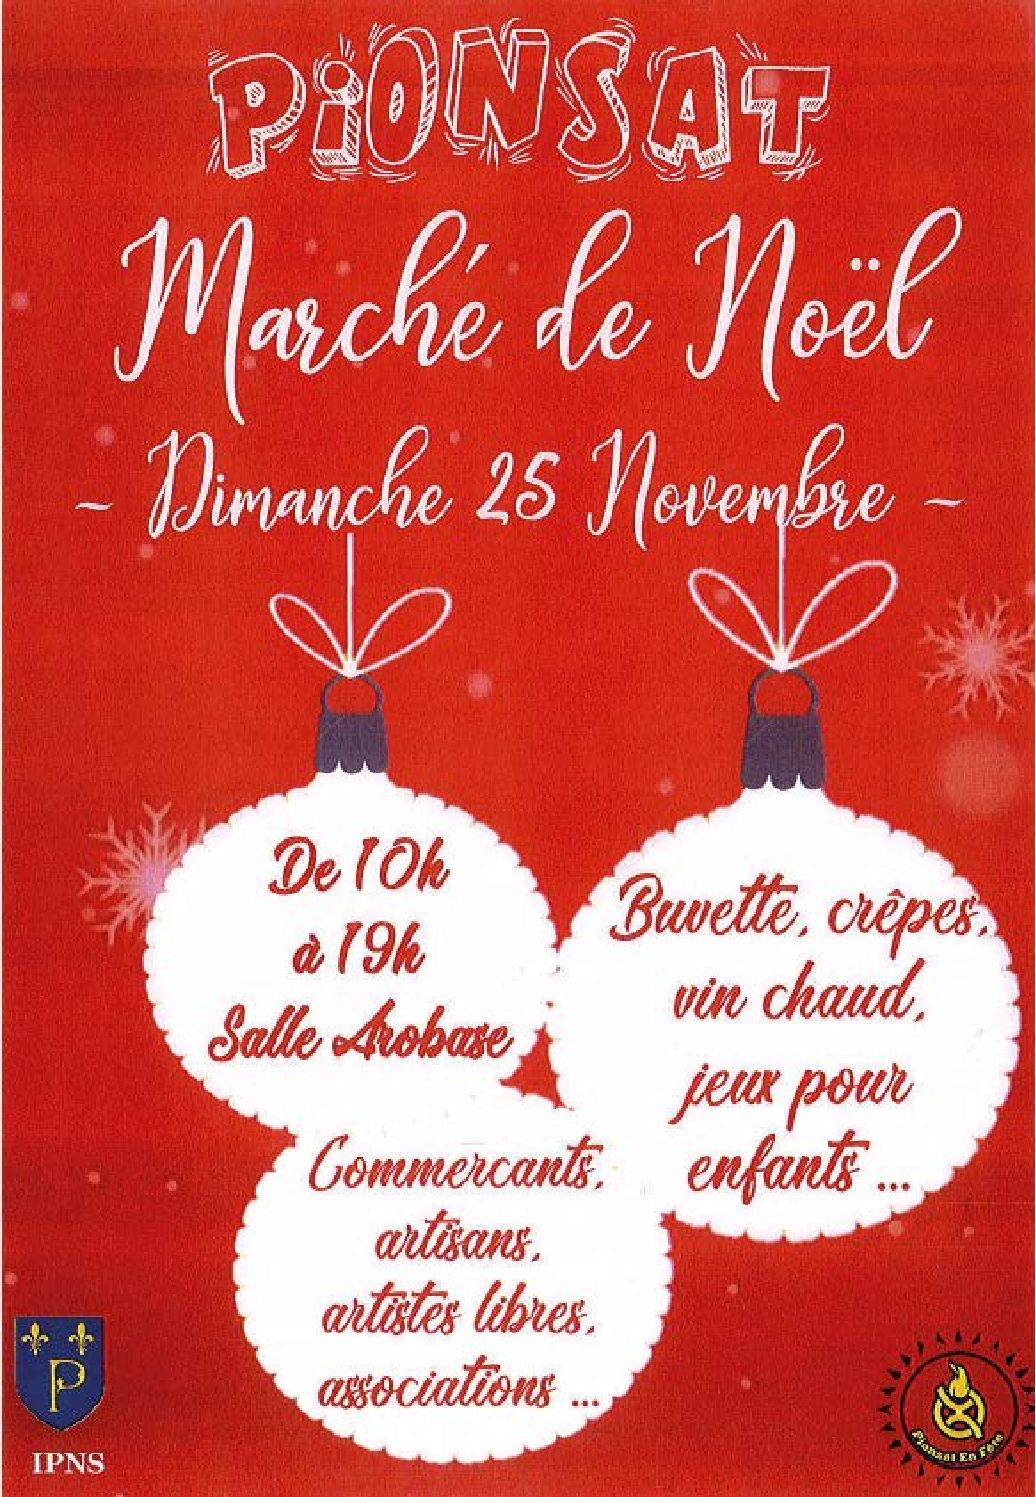 Marché de Noël : le 25 novembre à l'@robase